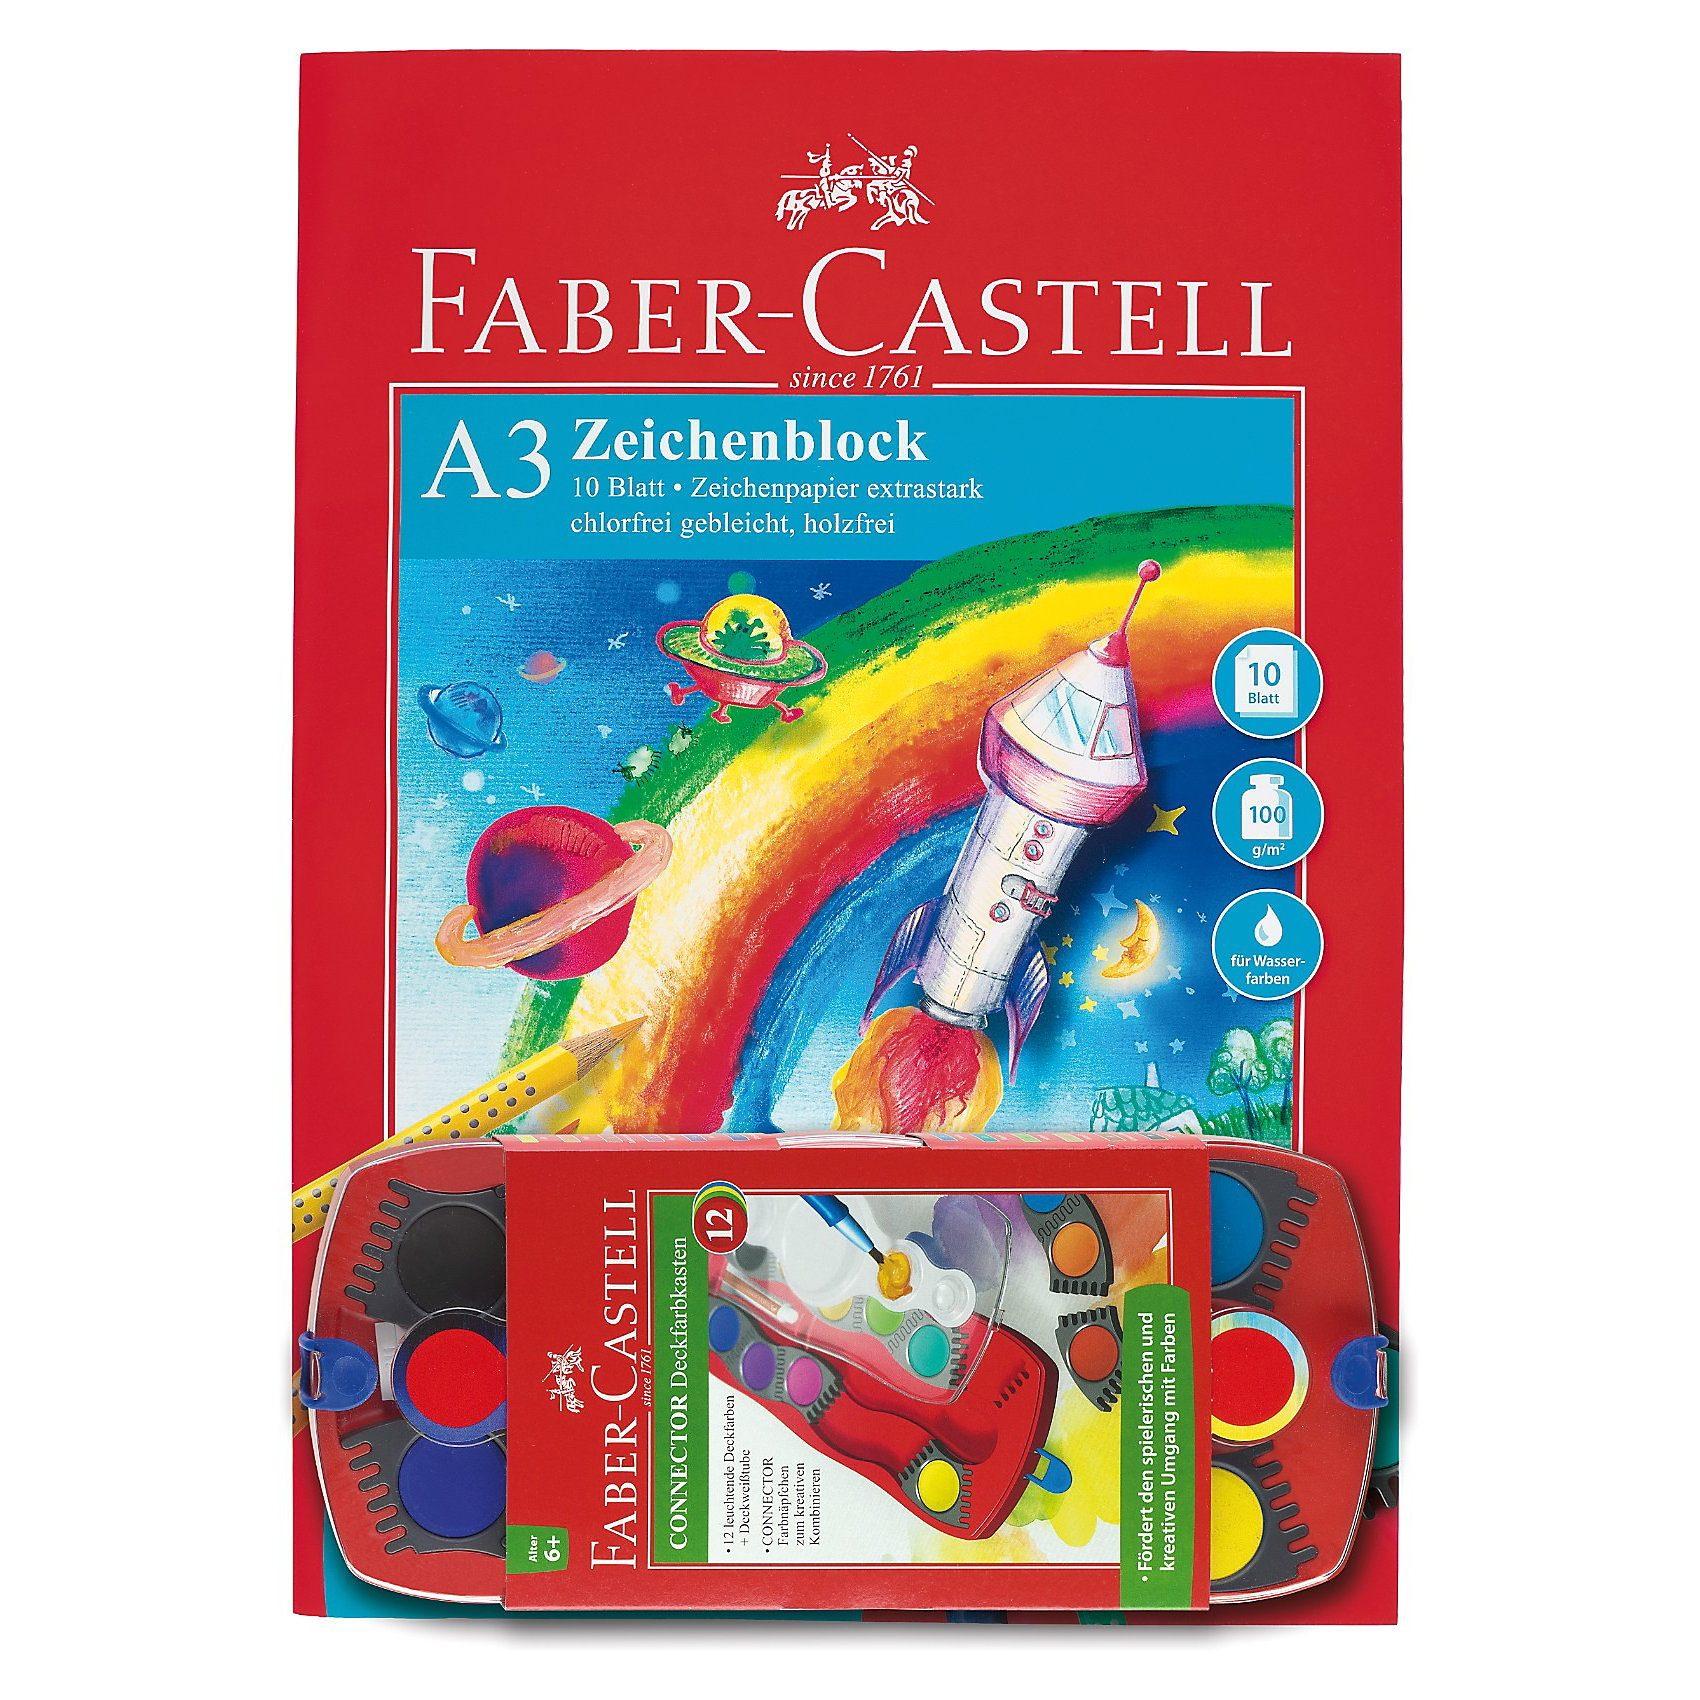 Faber-Castell CONNECTOR Deckfarbkasten, 12 Farben & Zeichenblock A3